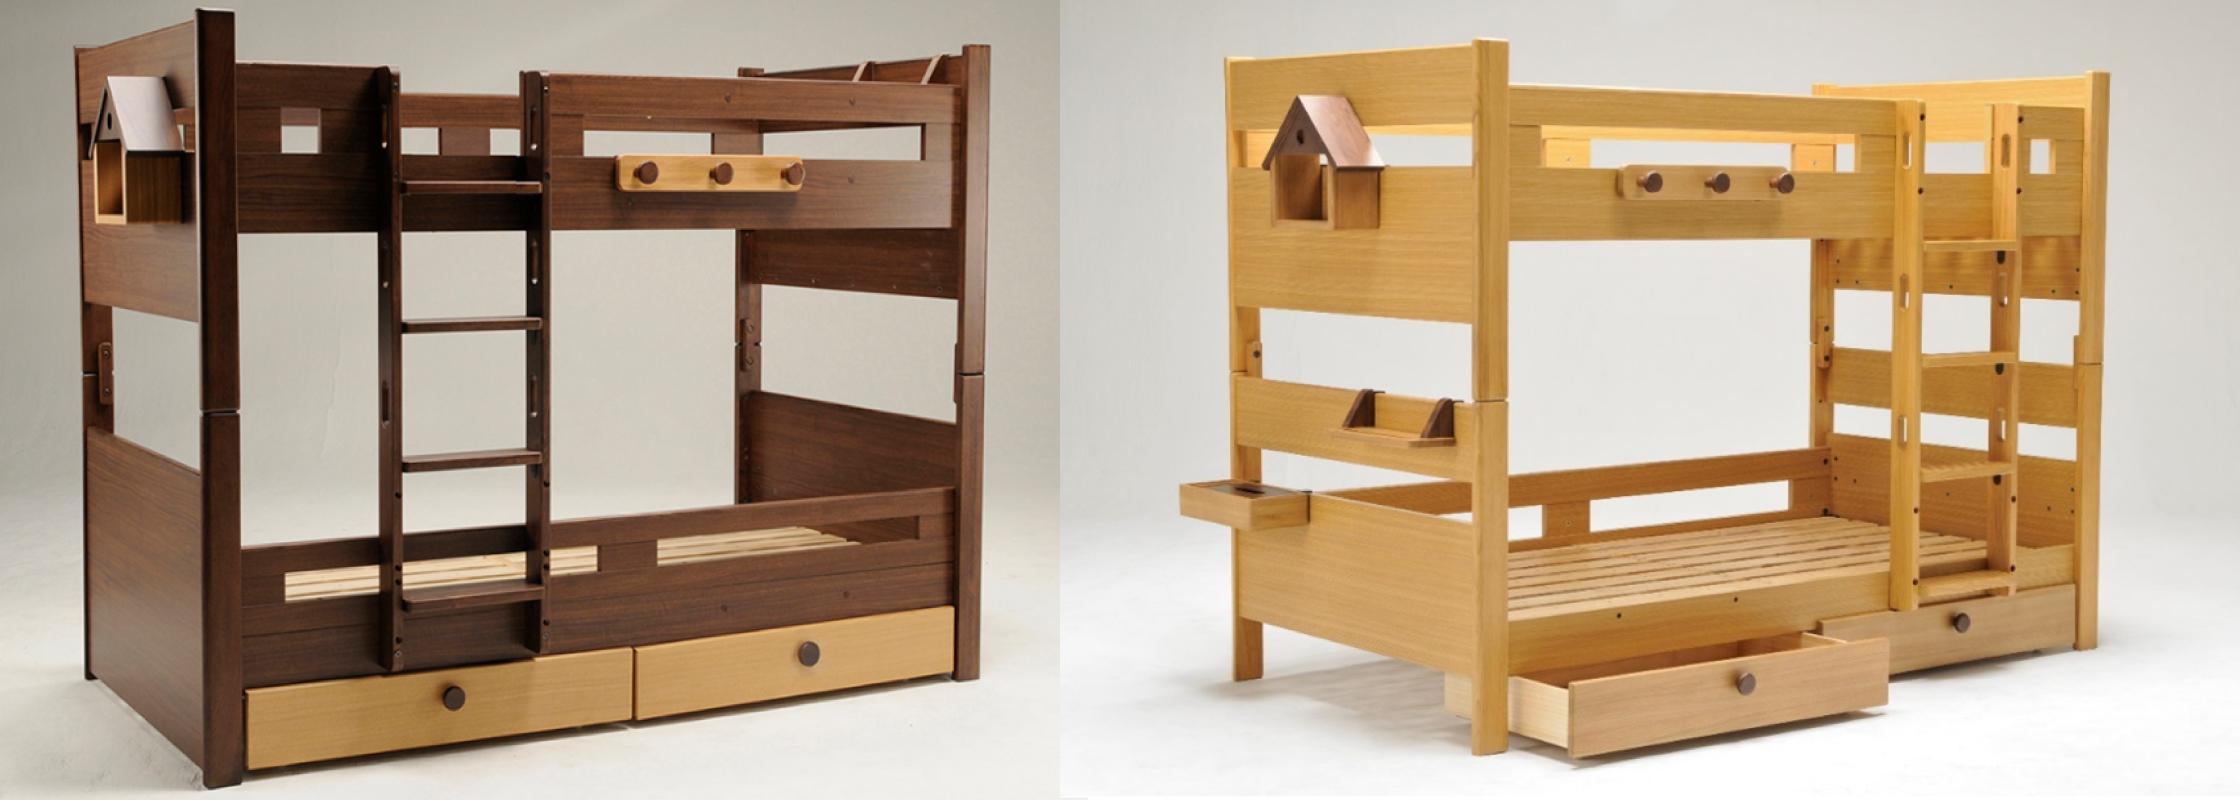 高さ調節可能、はしごのタイプが選べる2段ベッド「カスティナ」シリーズ